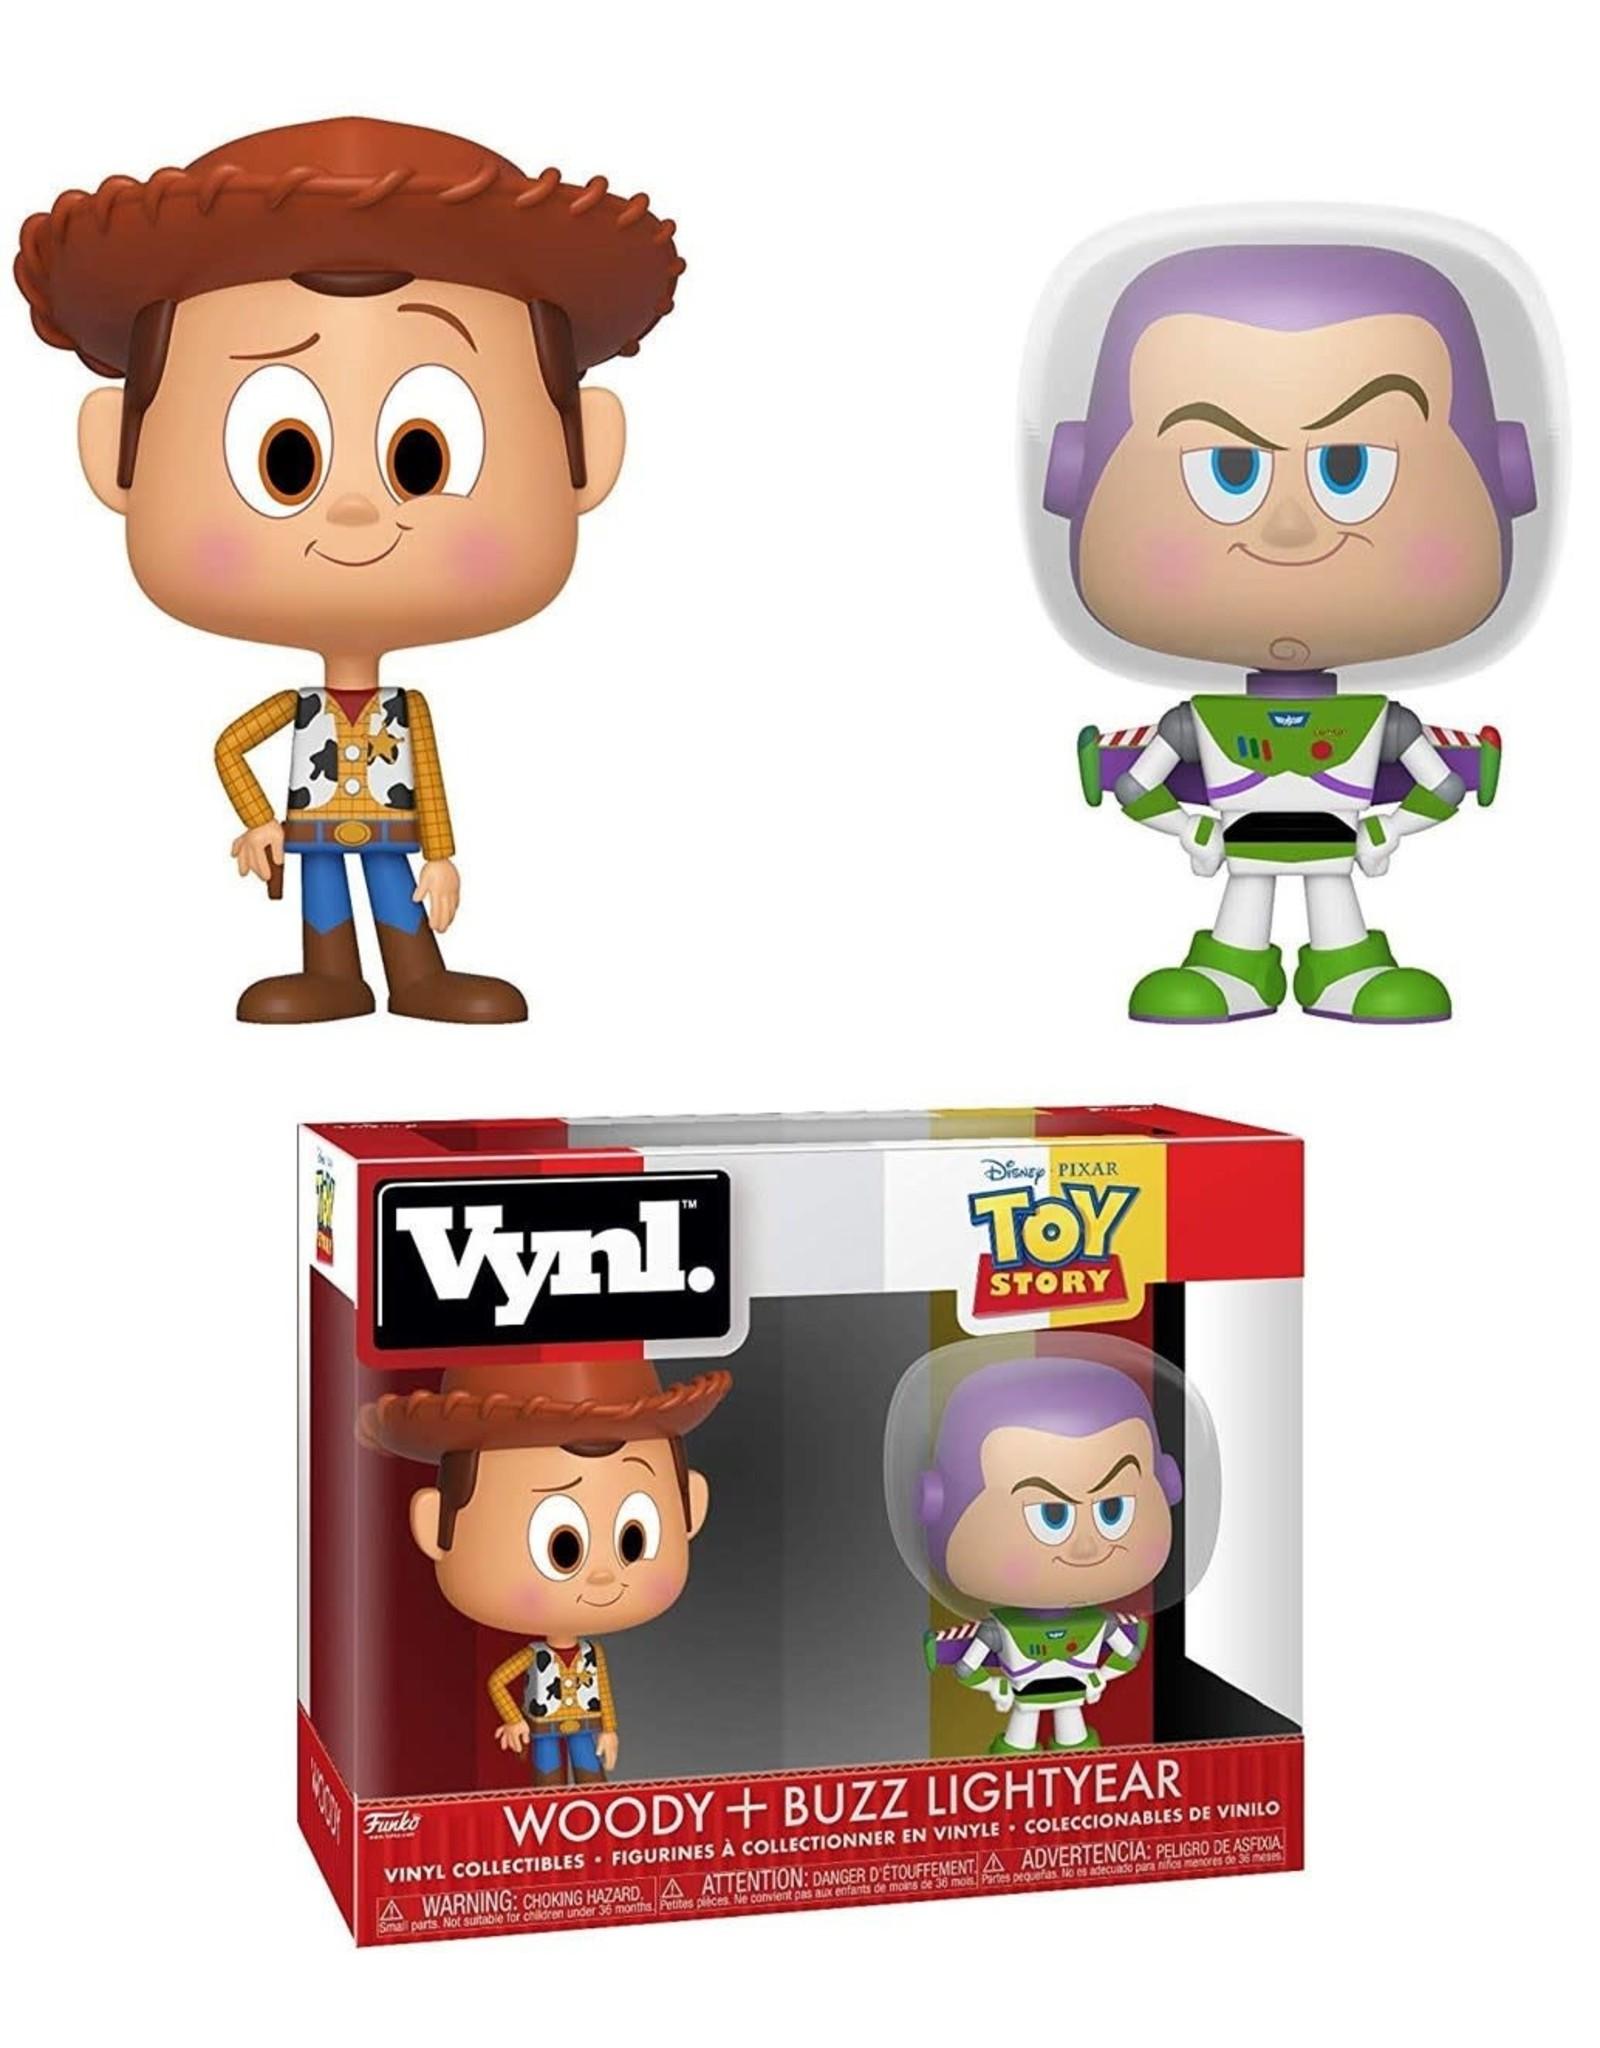 Funko Funko Vynl Disney - Toy Story Woody + Buzz Lightyear